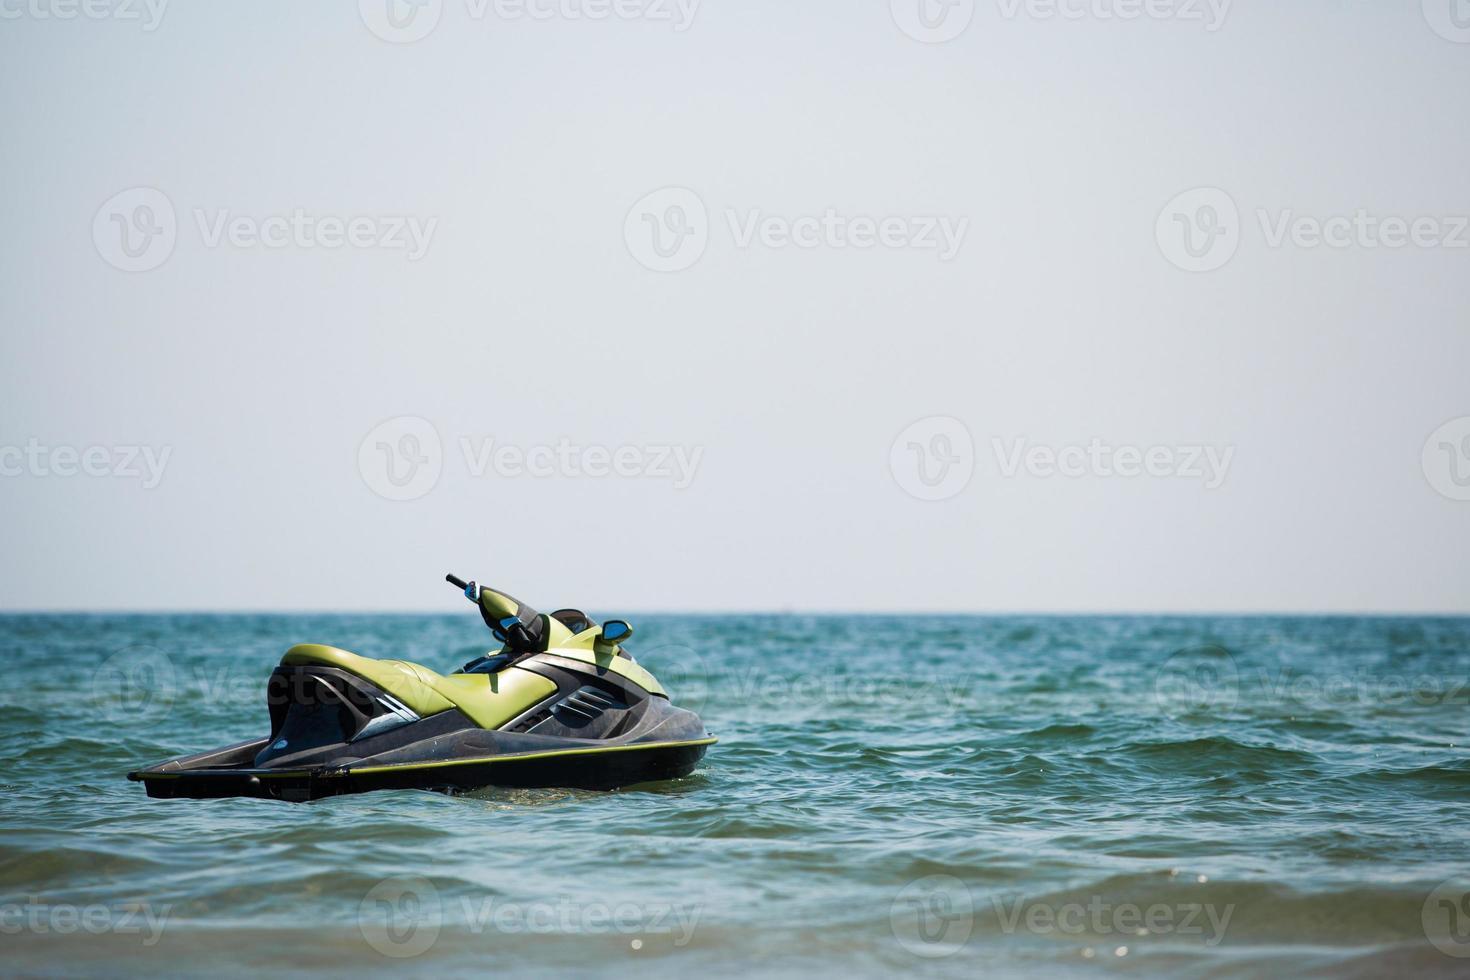 jet ski in water photo